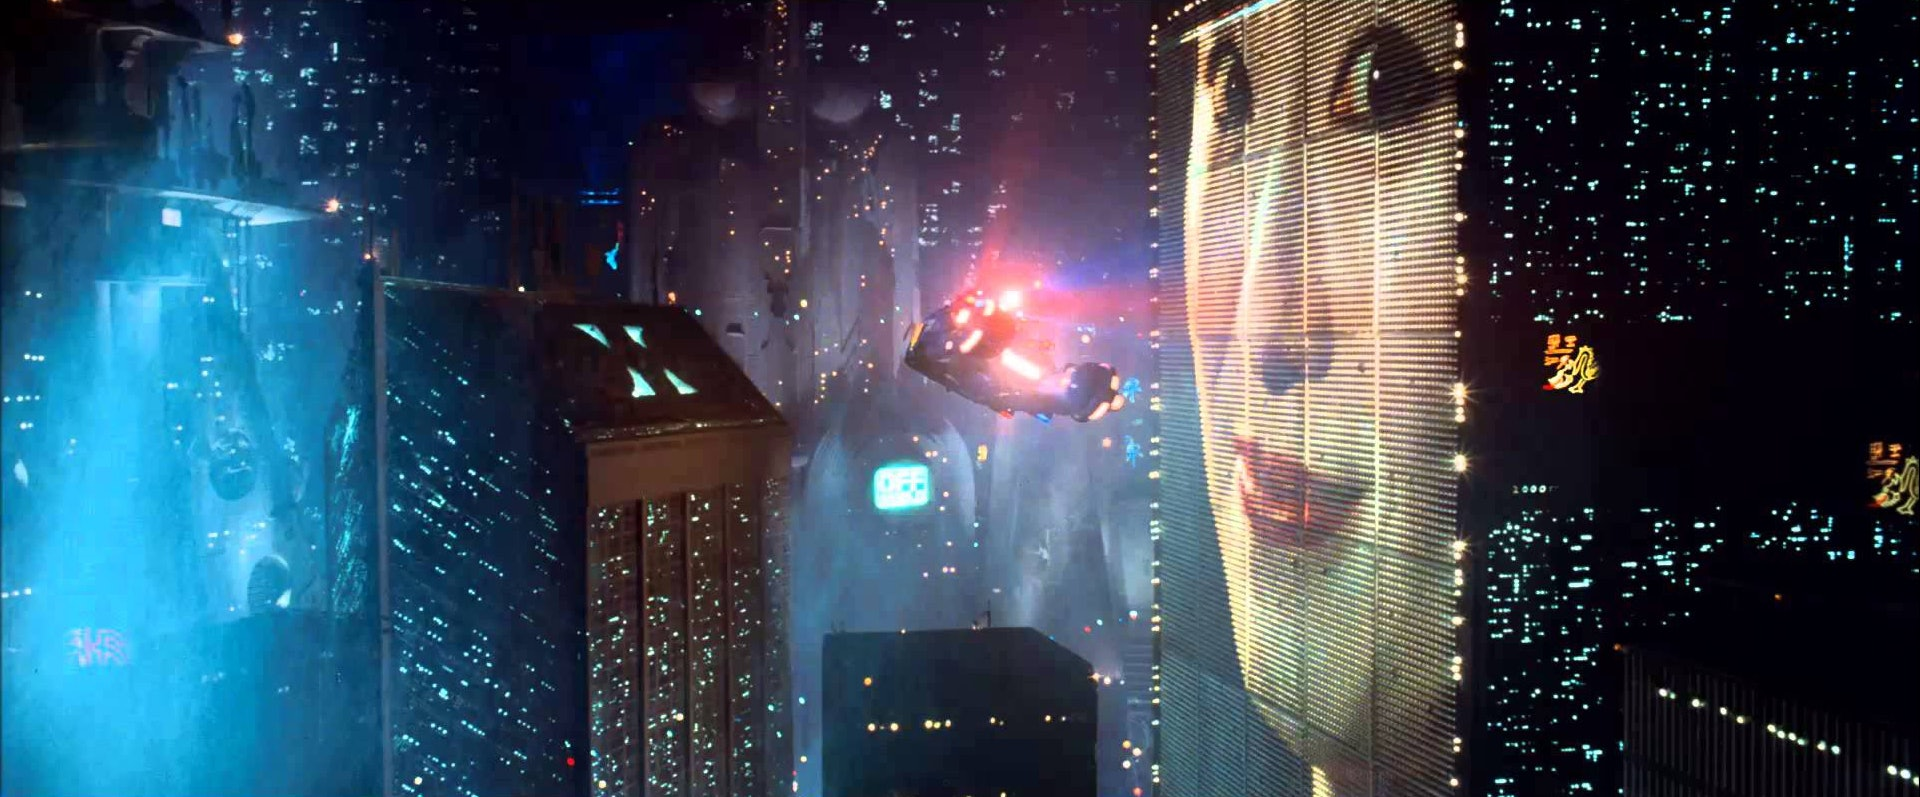 Киберпанк 2020: как развивался жанр с появления до наших дней - 3